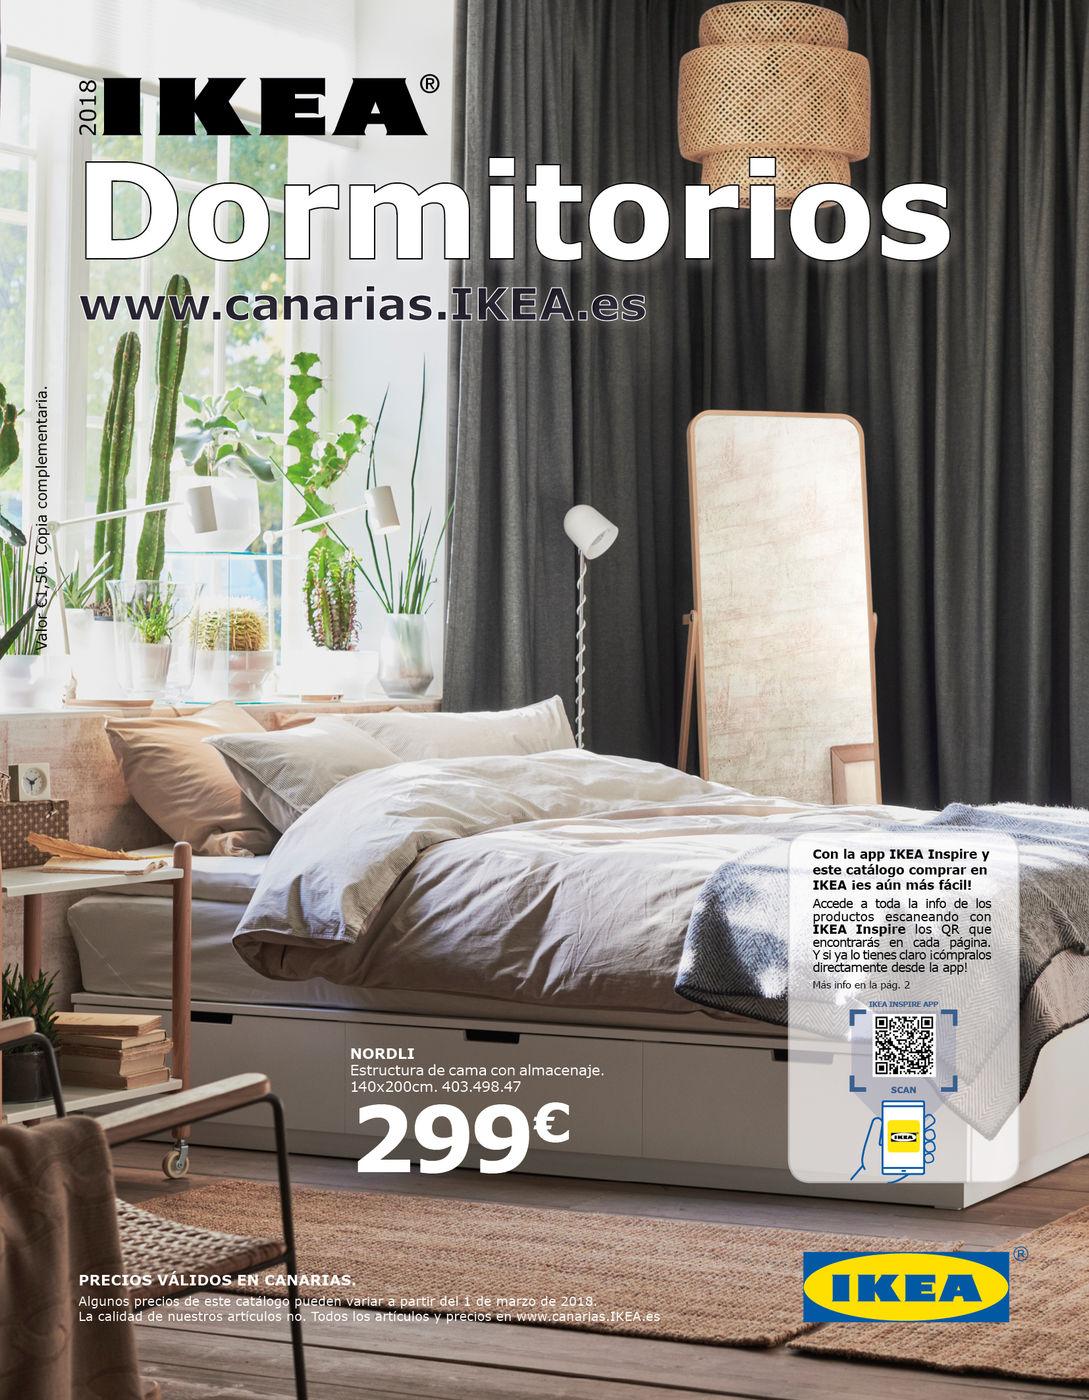 Catalogo Dormitorios 2018 Can - Catalogo-de-ikea-dormitorios